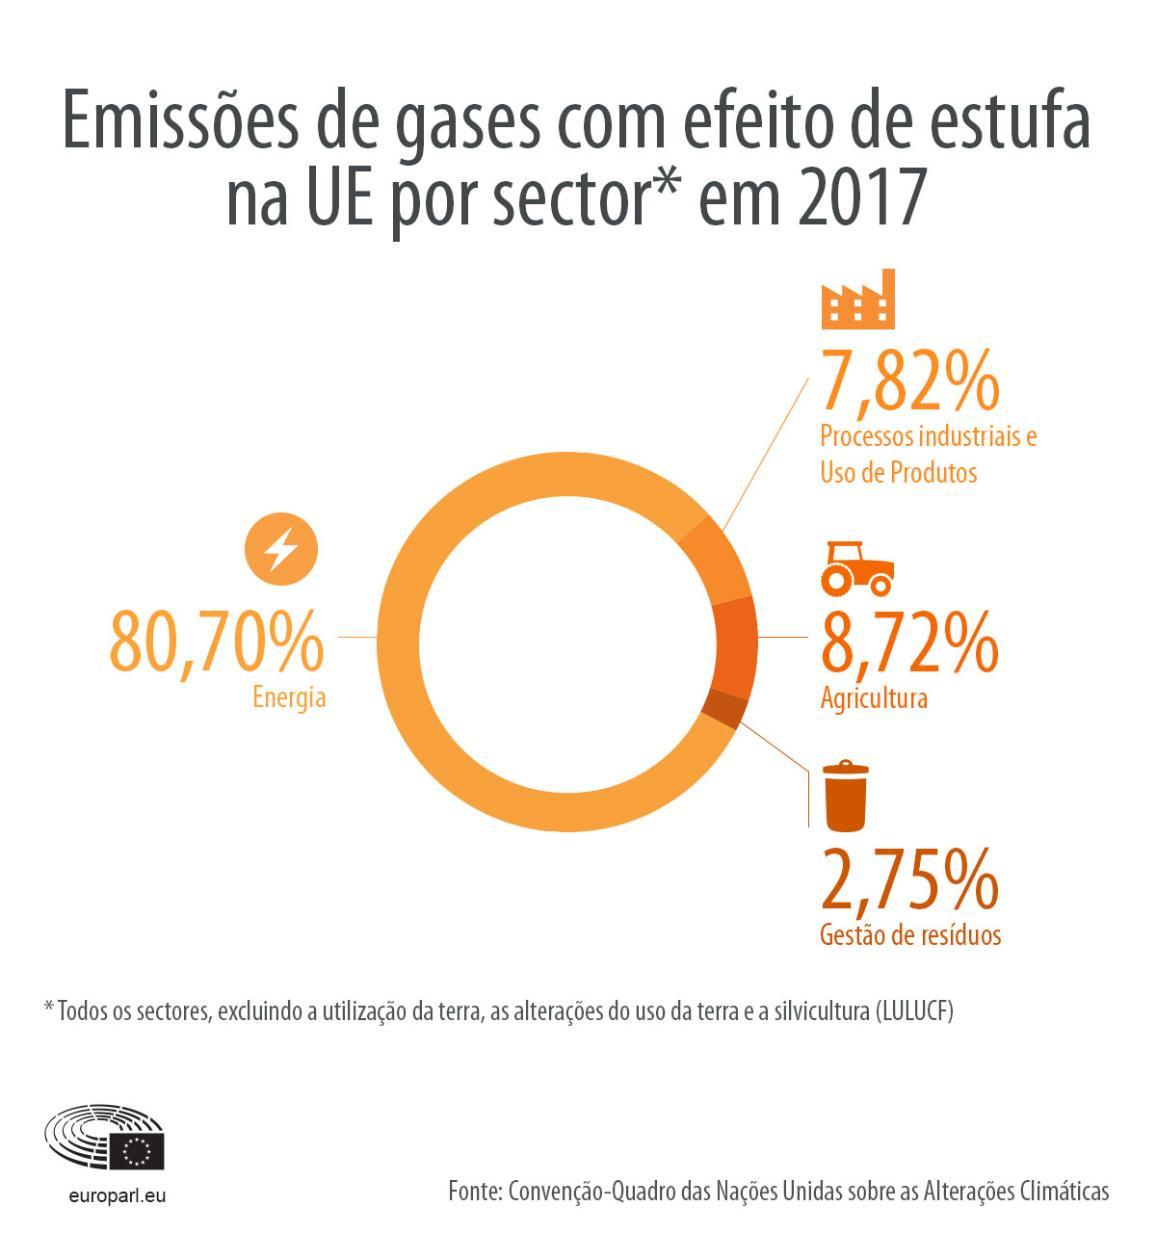 Infografia sobre emissões de gases com efeito de estufa na UE por setor em 2017